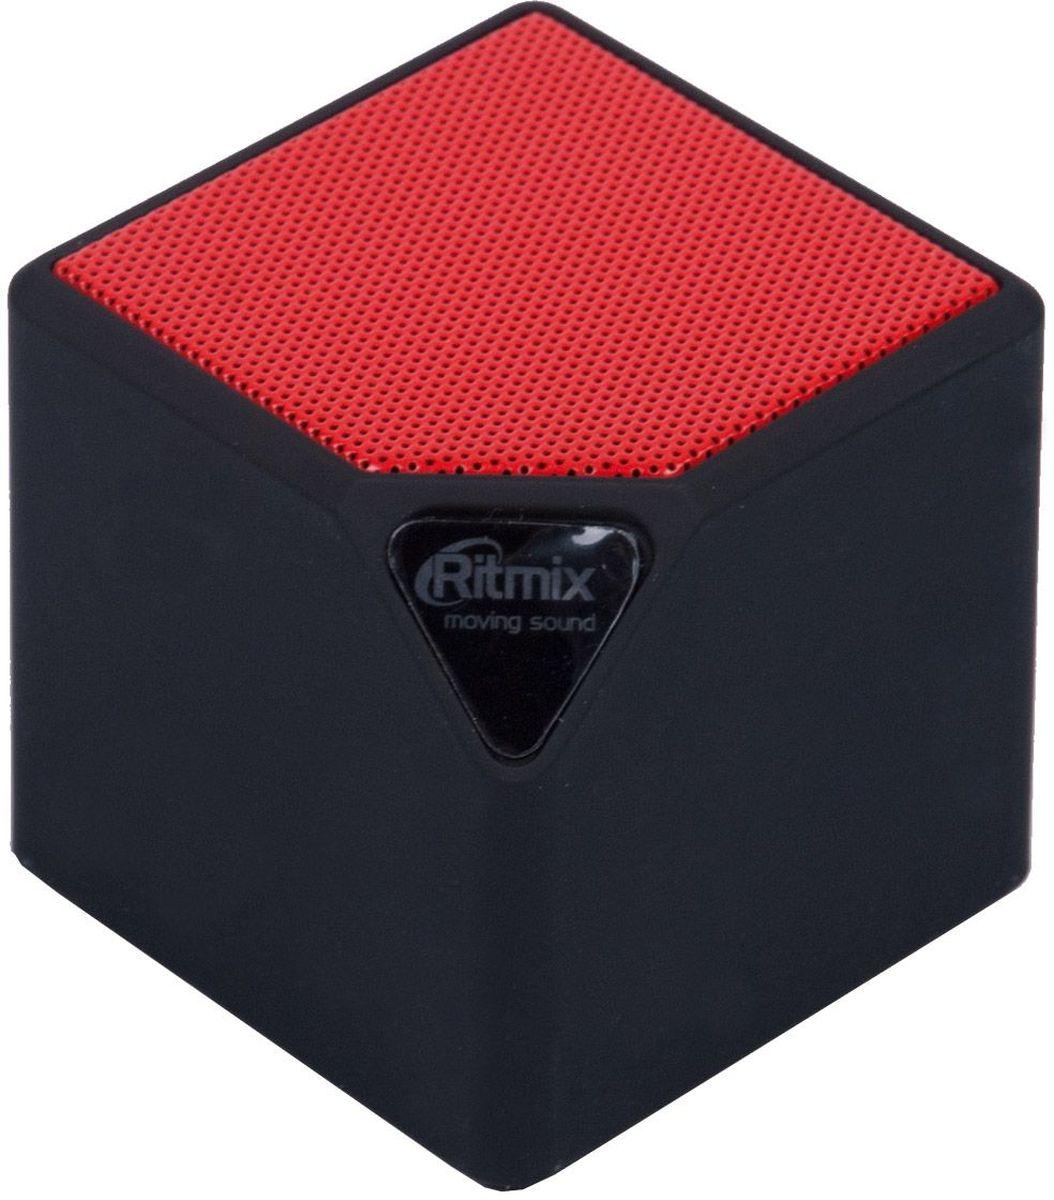 Ritmix SP-140B, Black Red портативная акустическая система15118767Портативная колонка Ritmix SP-140B позволит не расставаться с любимой музыкой, наслаждаясь ей даже без наушников. Компактный 40-миллиметровый динамик мощностью 3 Вт способен легко справиться с любым музыкальным жанром. Компактная акустическая мини-система не подведет и при просмотре фильмов с динамичными басами.Устройство оборудовано разъемом 3,5 мм (AUX) для подключения внешних источников аудиосигнала. Также Ritmix SP-140B может выполнять роль HandsFree-гарнитуры. Настройка громкости производится с помощью регулятора у основания колонки. Модель оснащена FM-тюнером, позволяющим прослушивать любимые радиостанции.Как выбрать портативную колонку. Статья OZON Гид